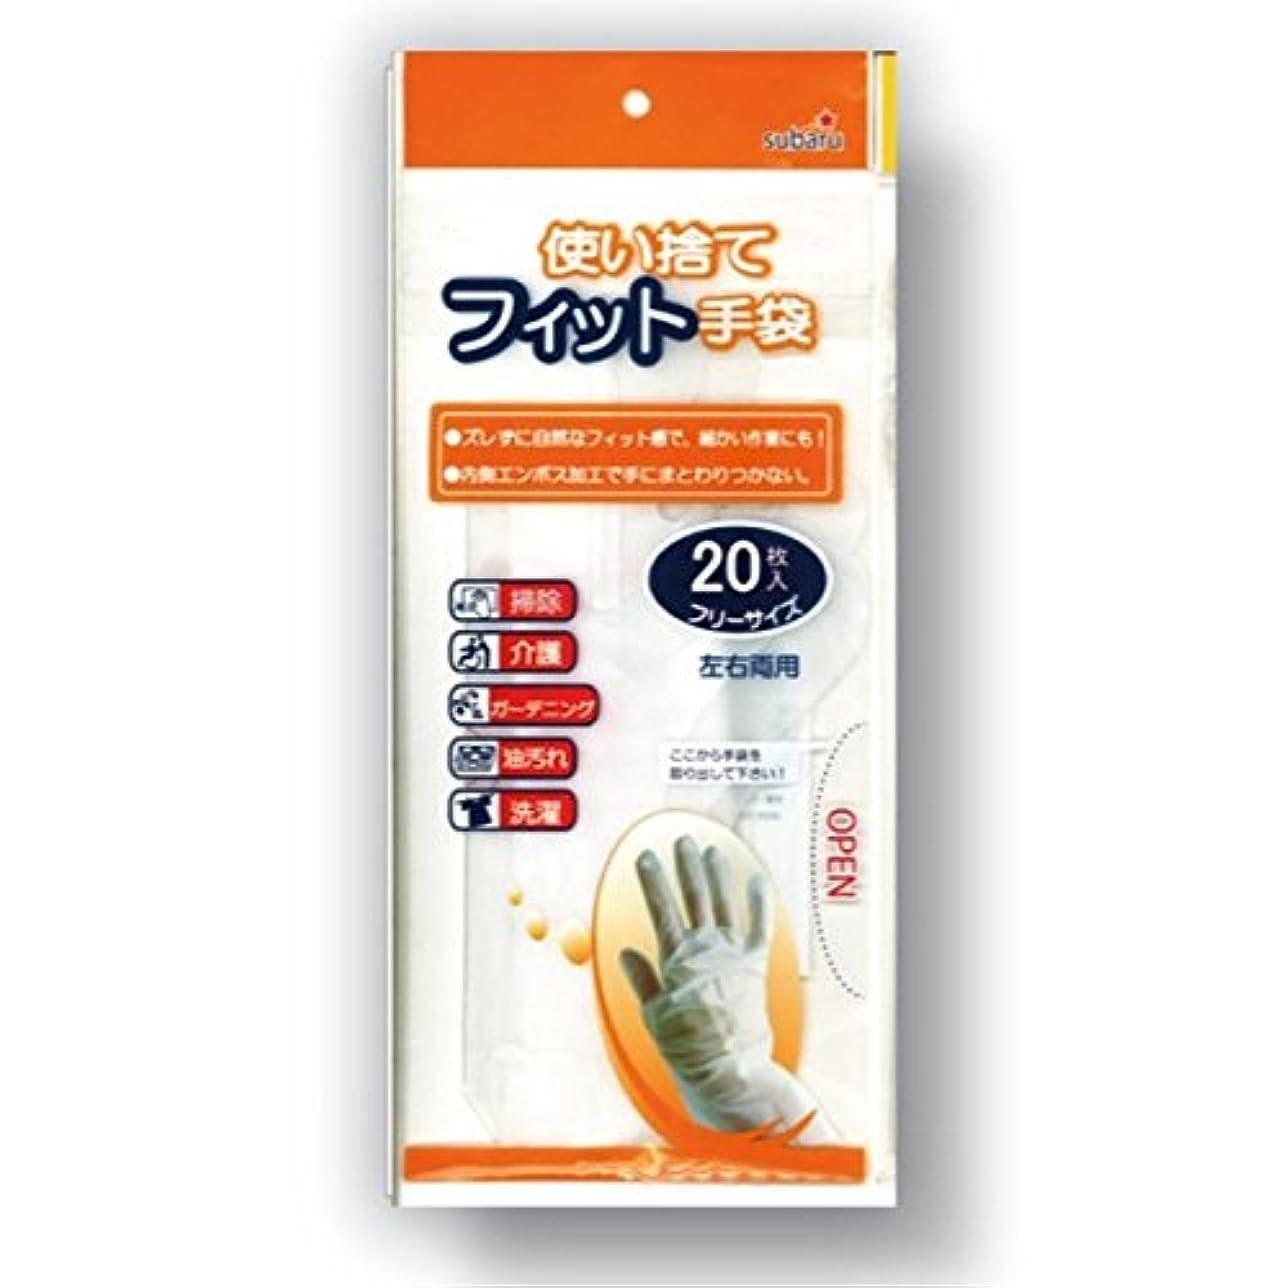 豪華な最少ナプキン使い捨てフィット手袋フリーサイズ20枚入[12個セット] 227-19